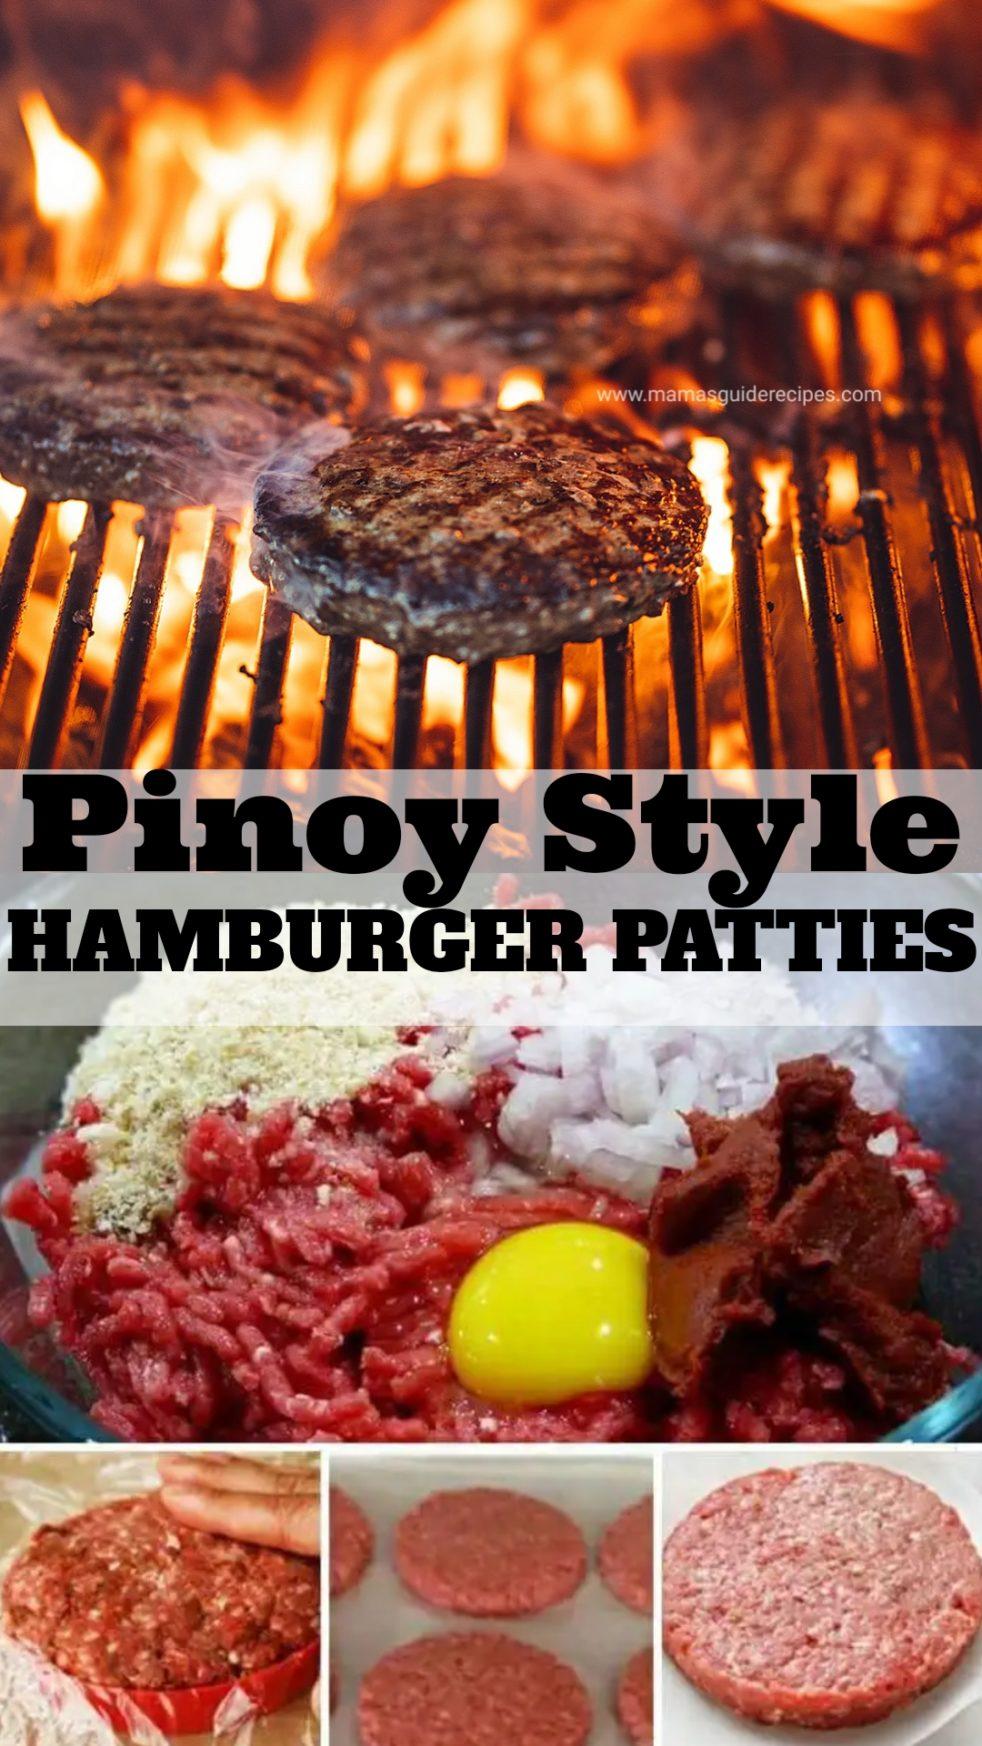 Pinoy Style Hamburger Patties